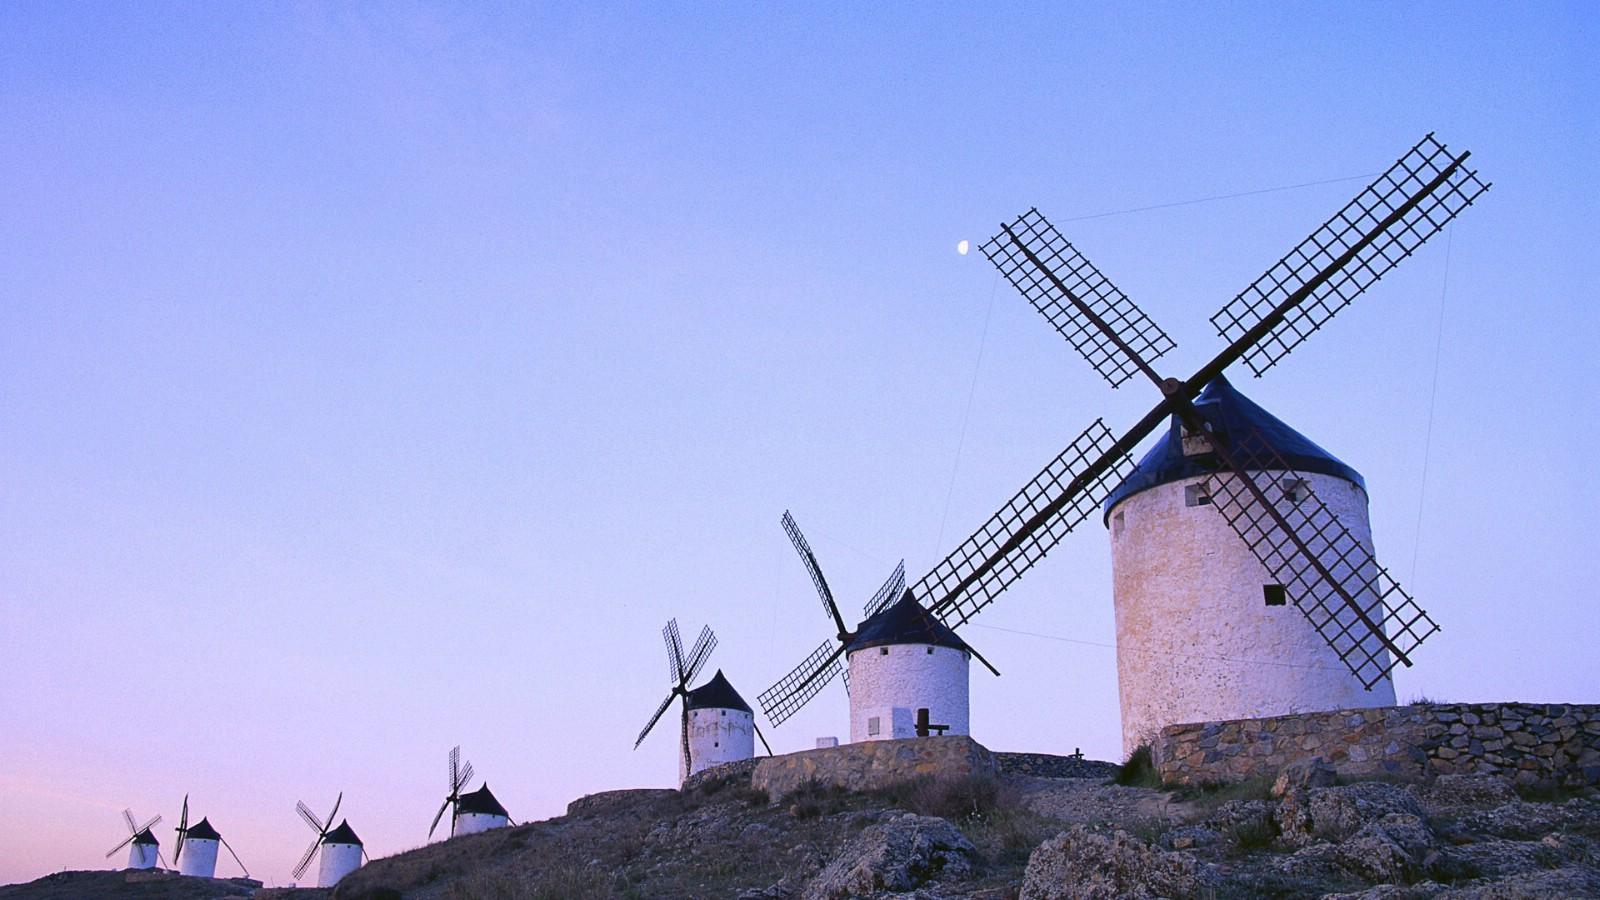 西班牙 风车